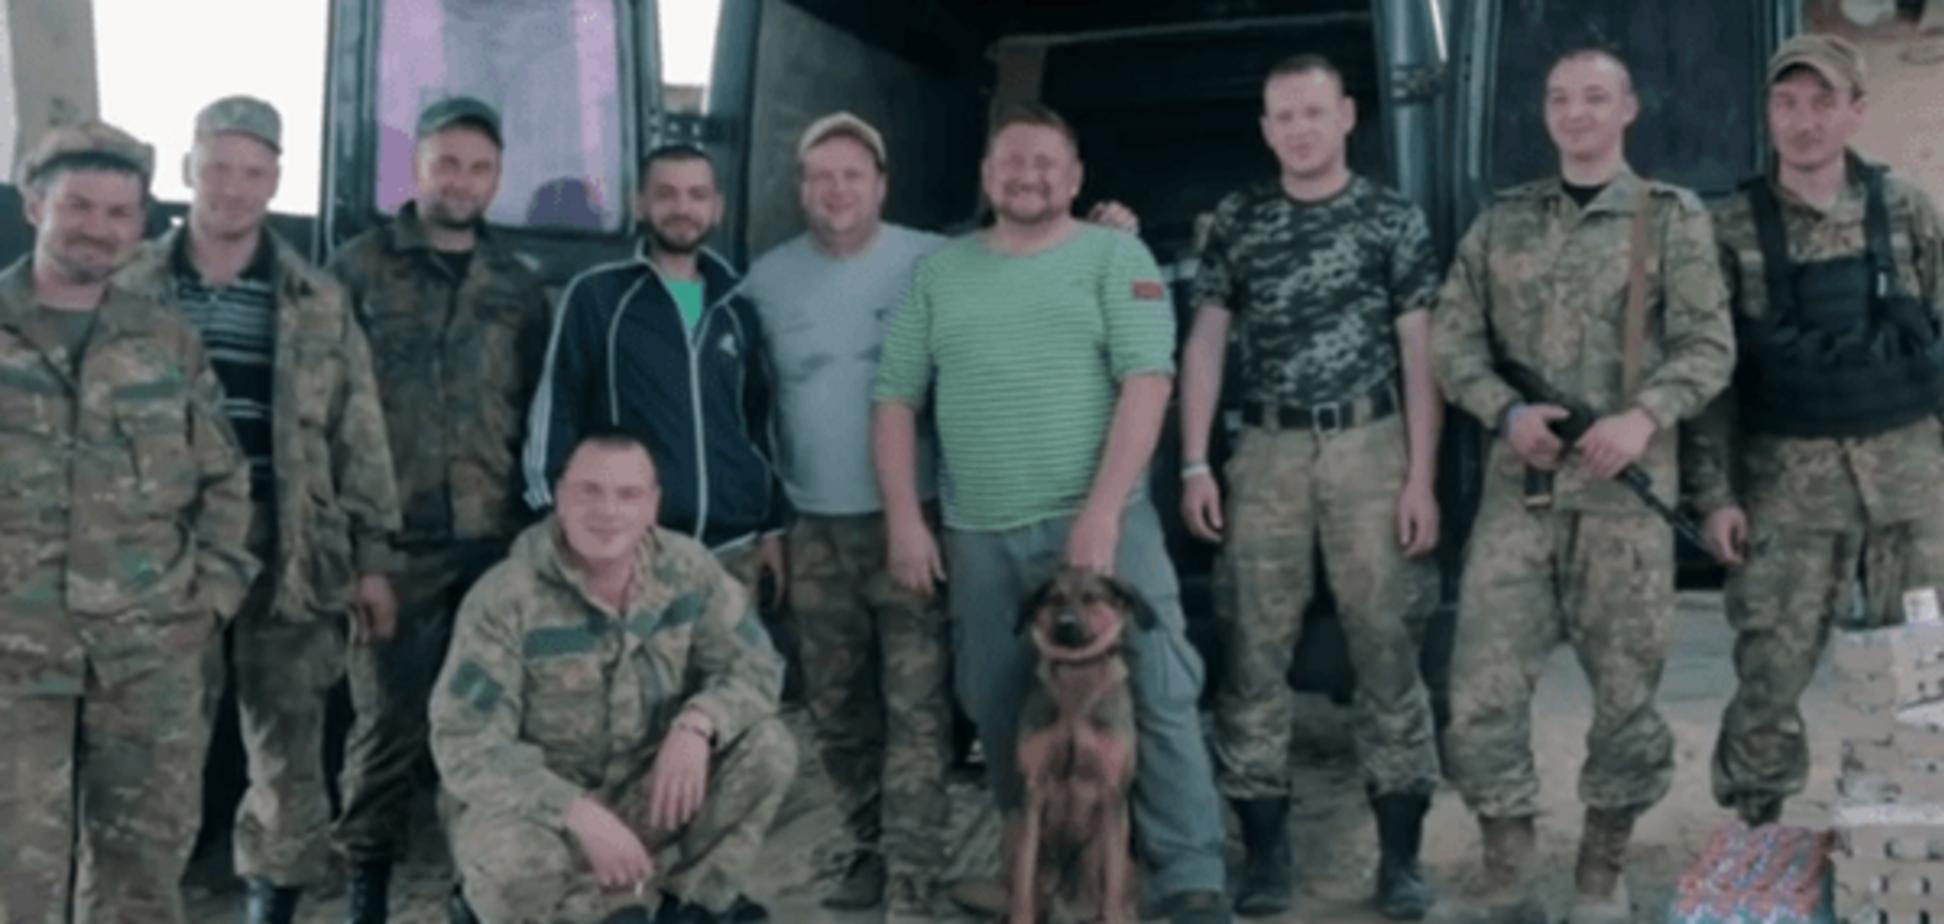 ТІК сняли патриотичный клип на Донбассе